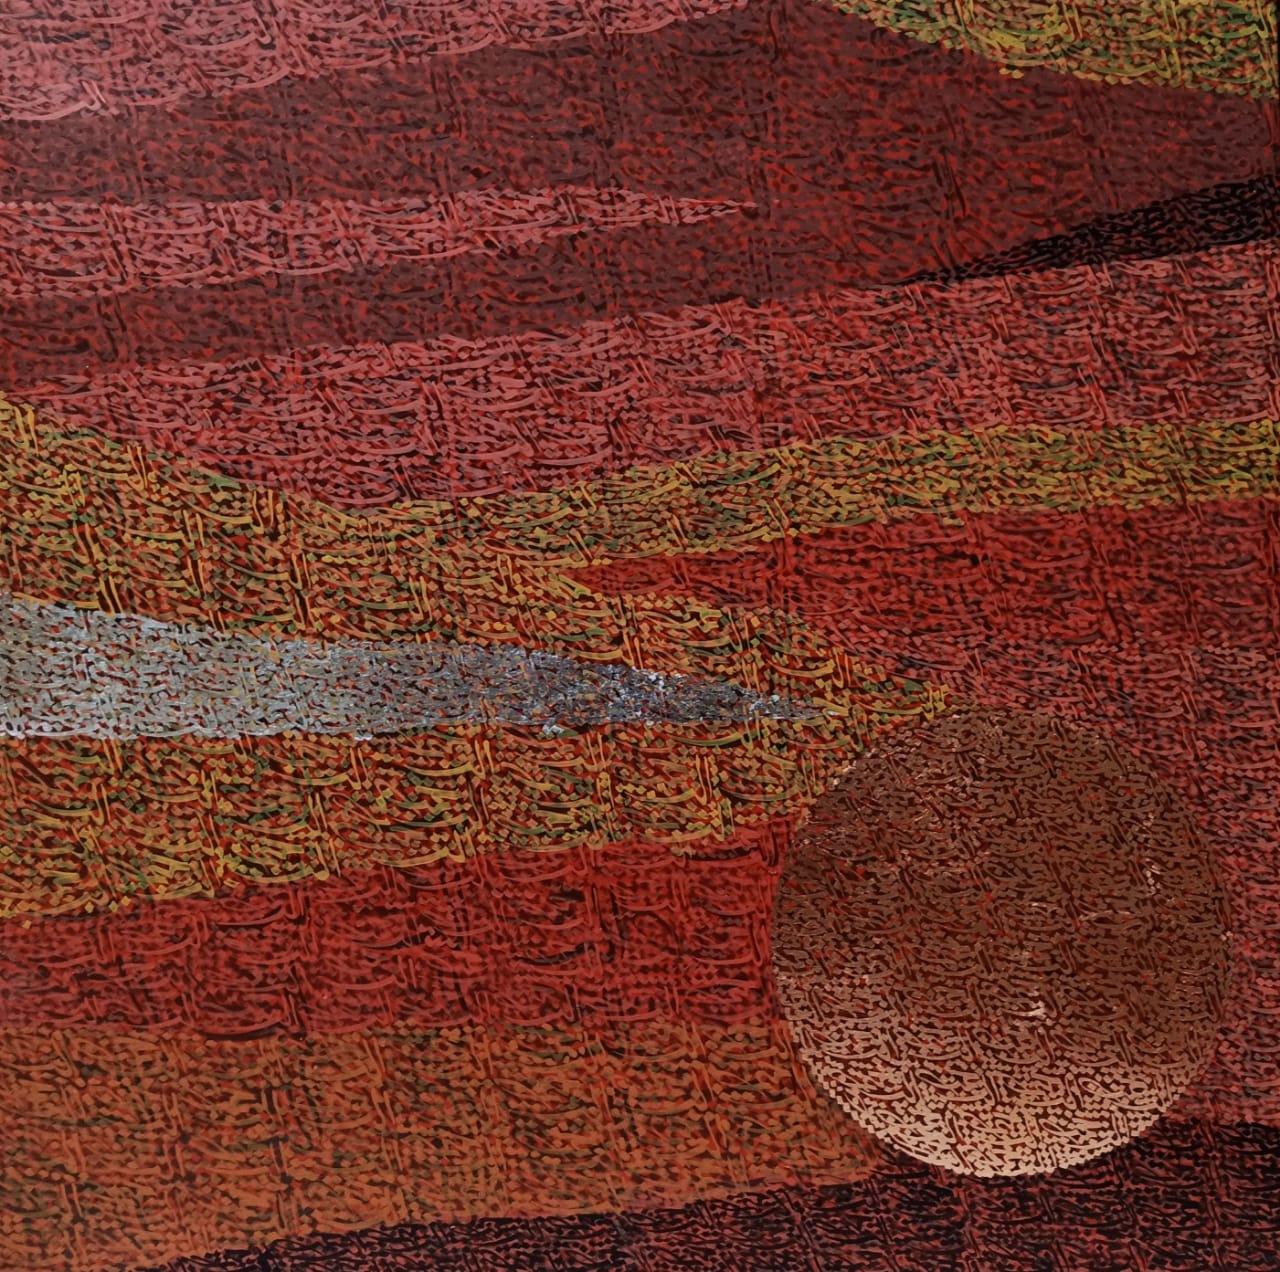 Al Firdous ALRAHMAN ALRAHEEM<br></br>Acrylics and Mixed Media on Canvas<br></br>48x48 inches